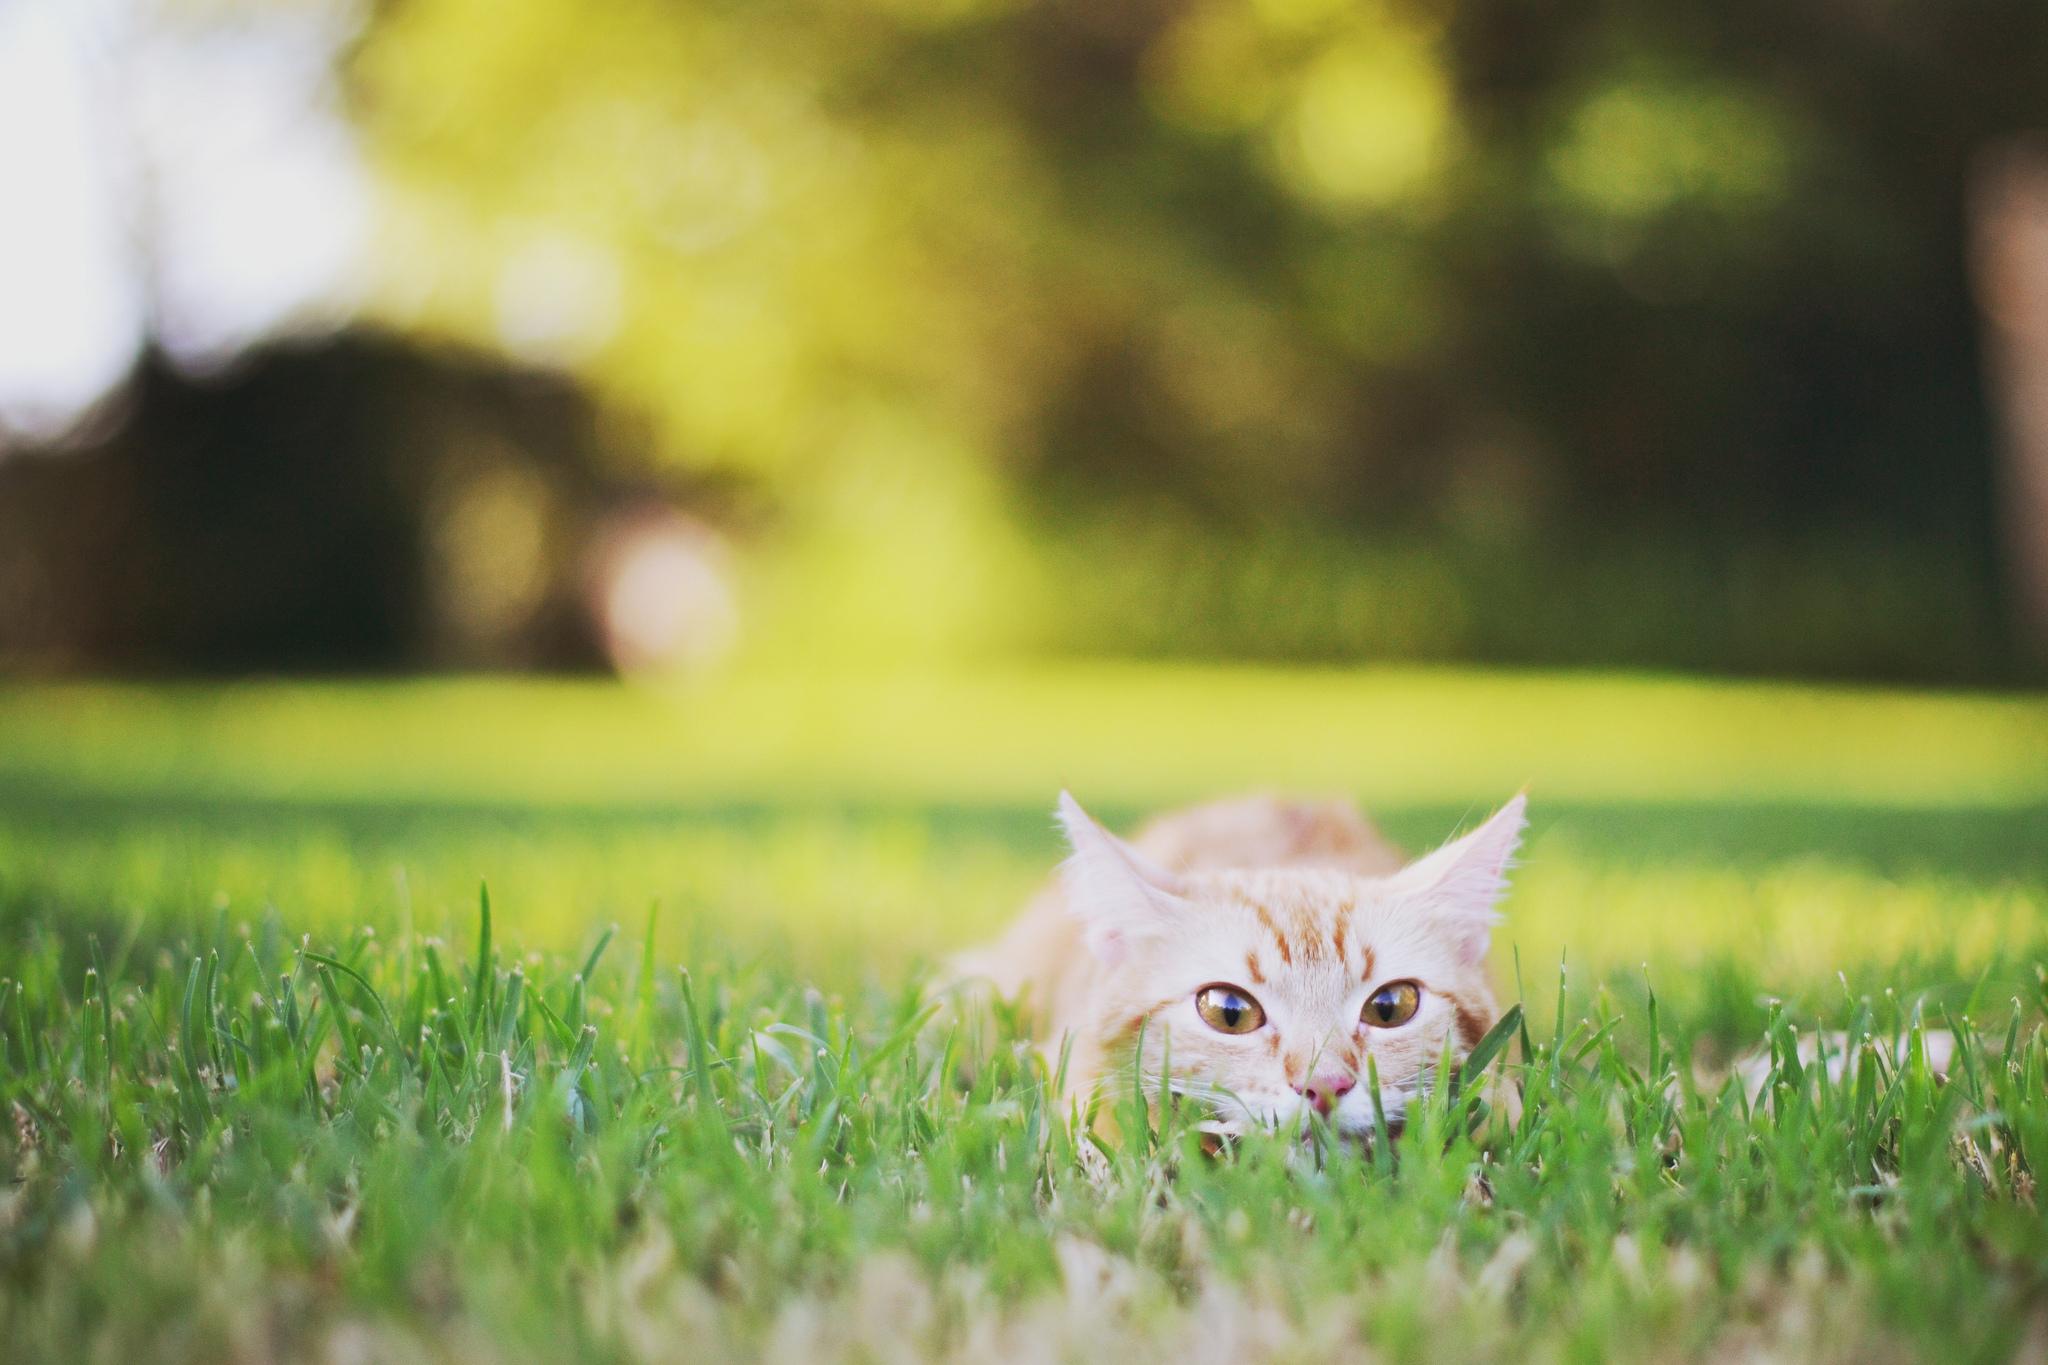 Котенок на траве  № 2959565 загрузить